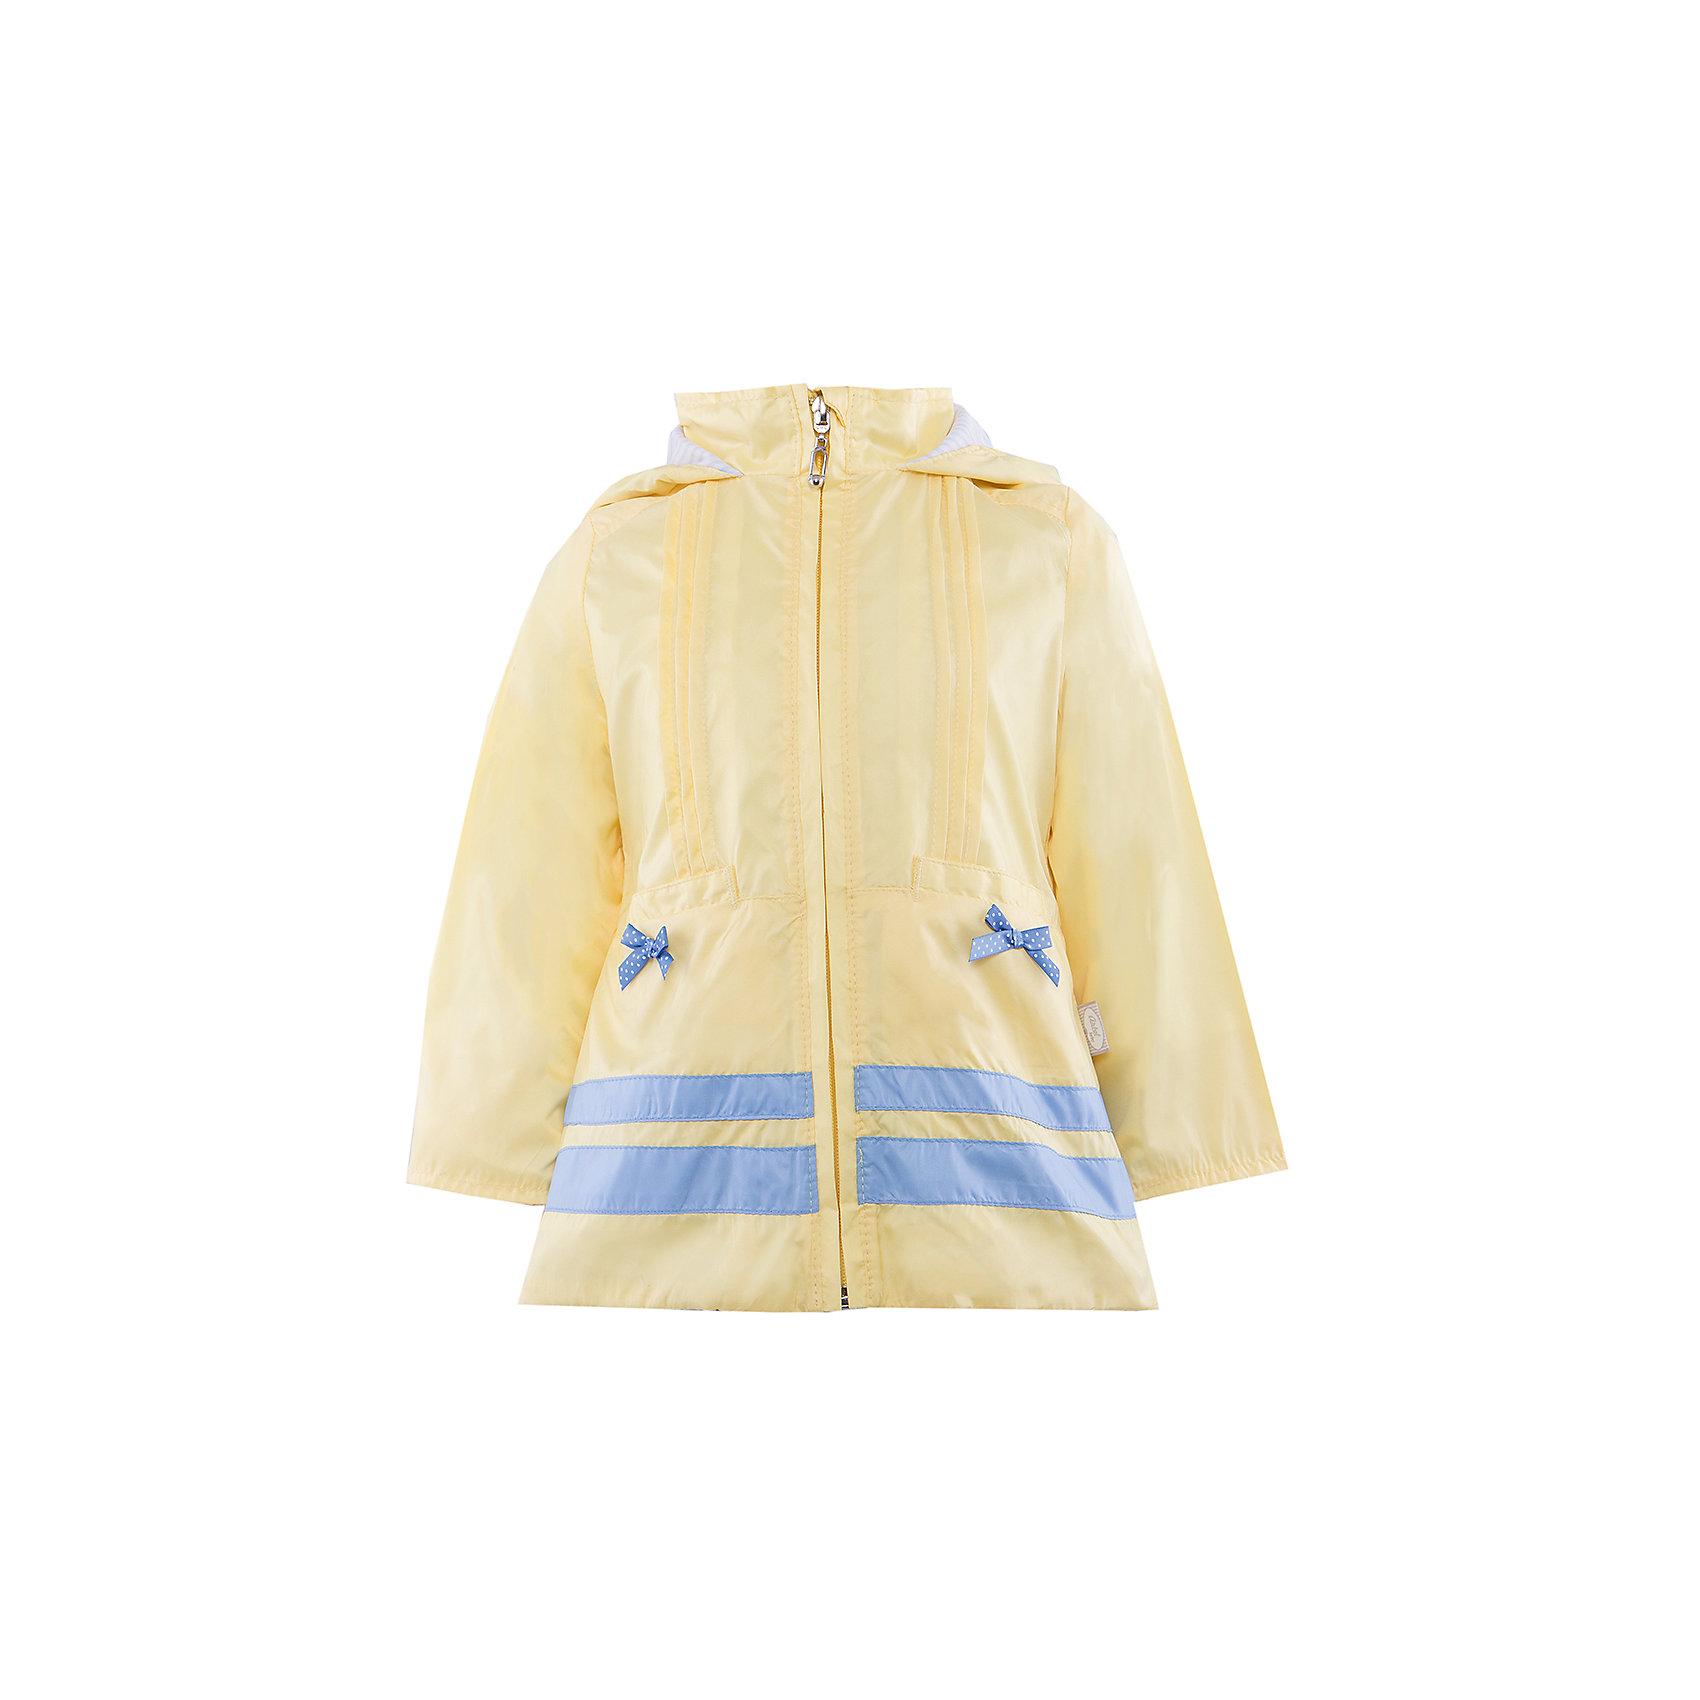 Ветровка для девочки АртельКуртка для девочки от торговой марки Артель &#13;<br>&#13;<br>Красивая женственная куртка отлично смотрится и хорошо сидит. Изделие выполнено из качественных материалов, имеет удобные карманы и капюшон. Отличный вариант для переменной погоды межсезонья!&#13;<br>Одежда от бренда Артель – это высокое качество по приемлемой цене и всегда продуманный дизайн. &#13;<br>&#13;<br>Особенности модели: &#13;<br>- цвет - желтый;&#13;<br>- необычный дизайн;&#13;<br>- наличие капюшона;&#13;<br>- украшена бантом;&#13;<br>- отделка рюшами;&#13;<br>- застежка-молния.&#13;<br>&#13;<br>Дополнительная информация:&#13;<br>&#13;<br>Состав: &#13;<br>- верх: FITSYSTEM;&#13;<br>- подкладка: хлопок интерлок;.<br><br>&#13;<br>Температурный режим: &#13;<br>от +5 °C до +20 °C&#13;<br>&#13;<br>Куртку для девочки Артель (Artel) можно купить в нашем магазине.<br><br>Ширина мм: 356<br>Глубина мм: 10<br>Высота мм: 245<br>Вес г: 519<br>Цвет: желтый<br>Возраст от месяцев: 18<br>Возраст до месяцев: 24<br>Пол: Женский<br>Возраст: Детский<br>Размер: 92,80,86,104,98<br>SKU: 4496202